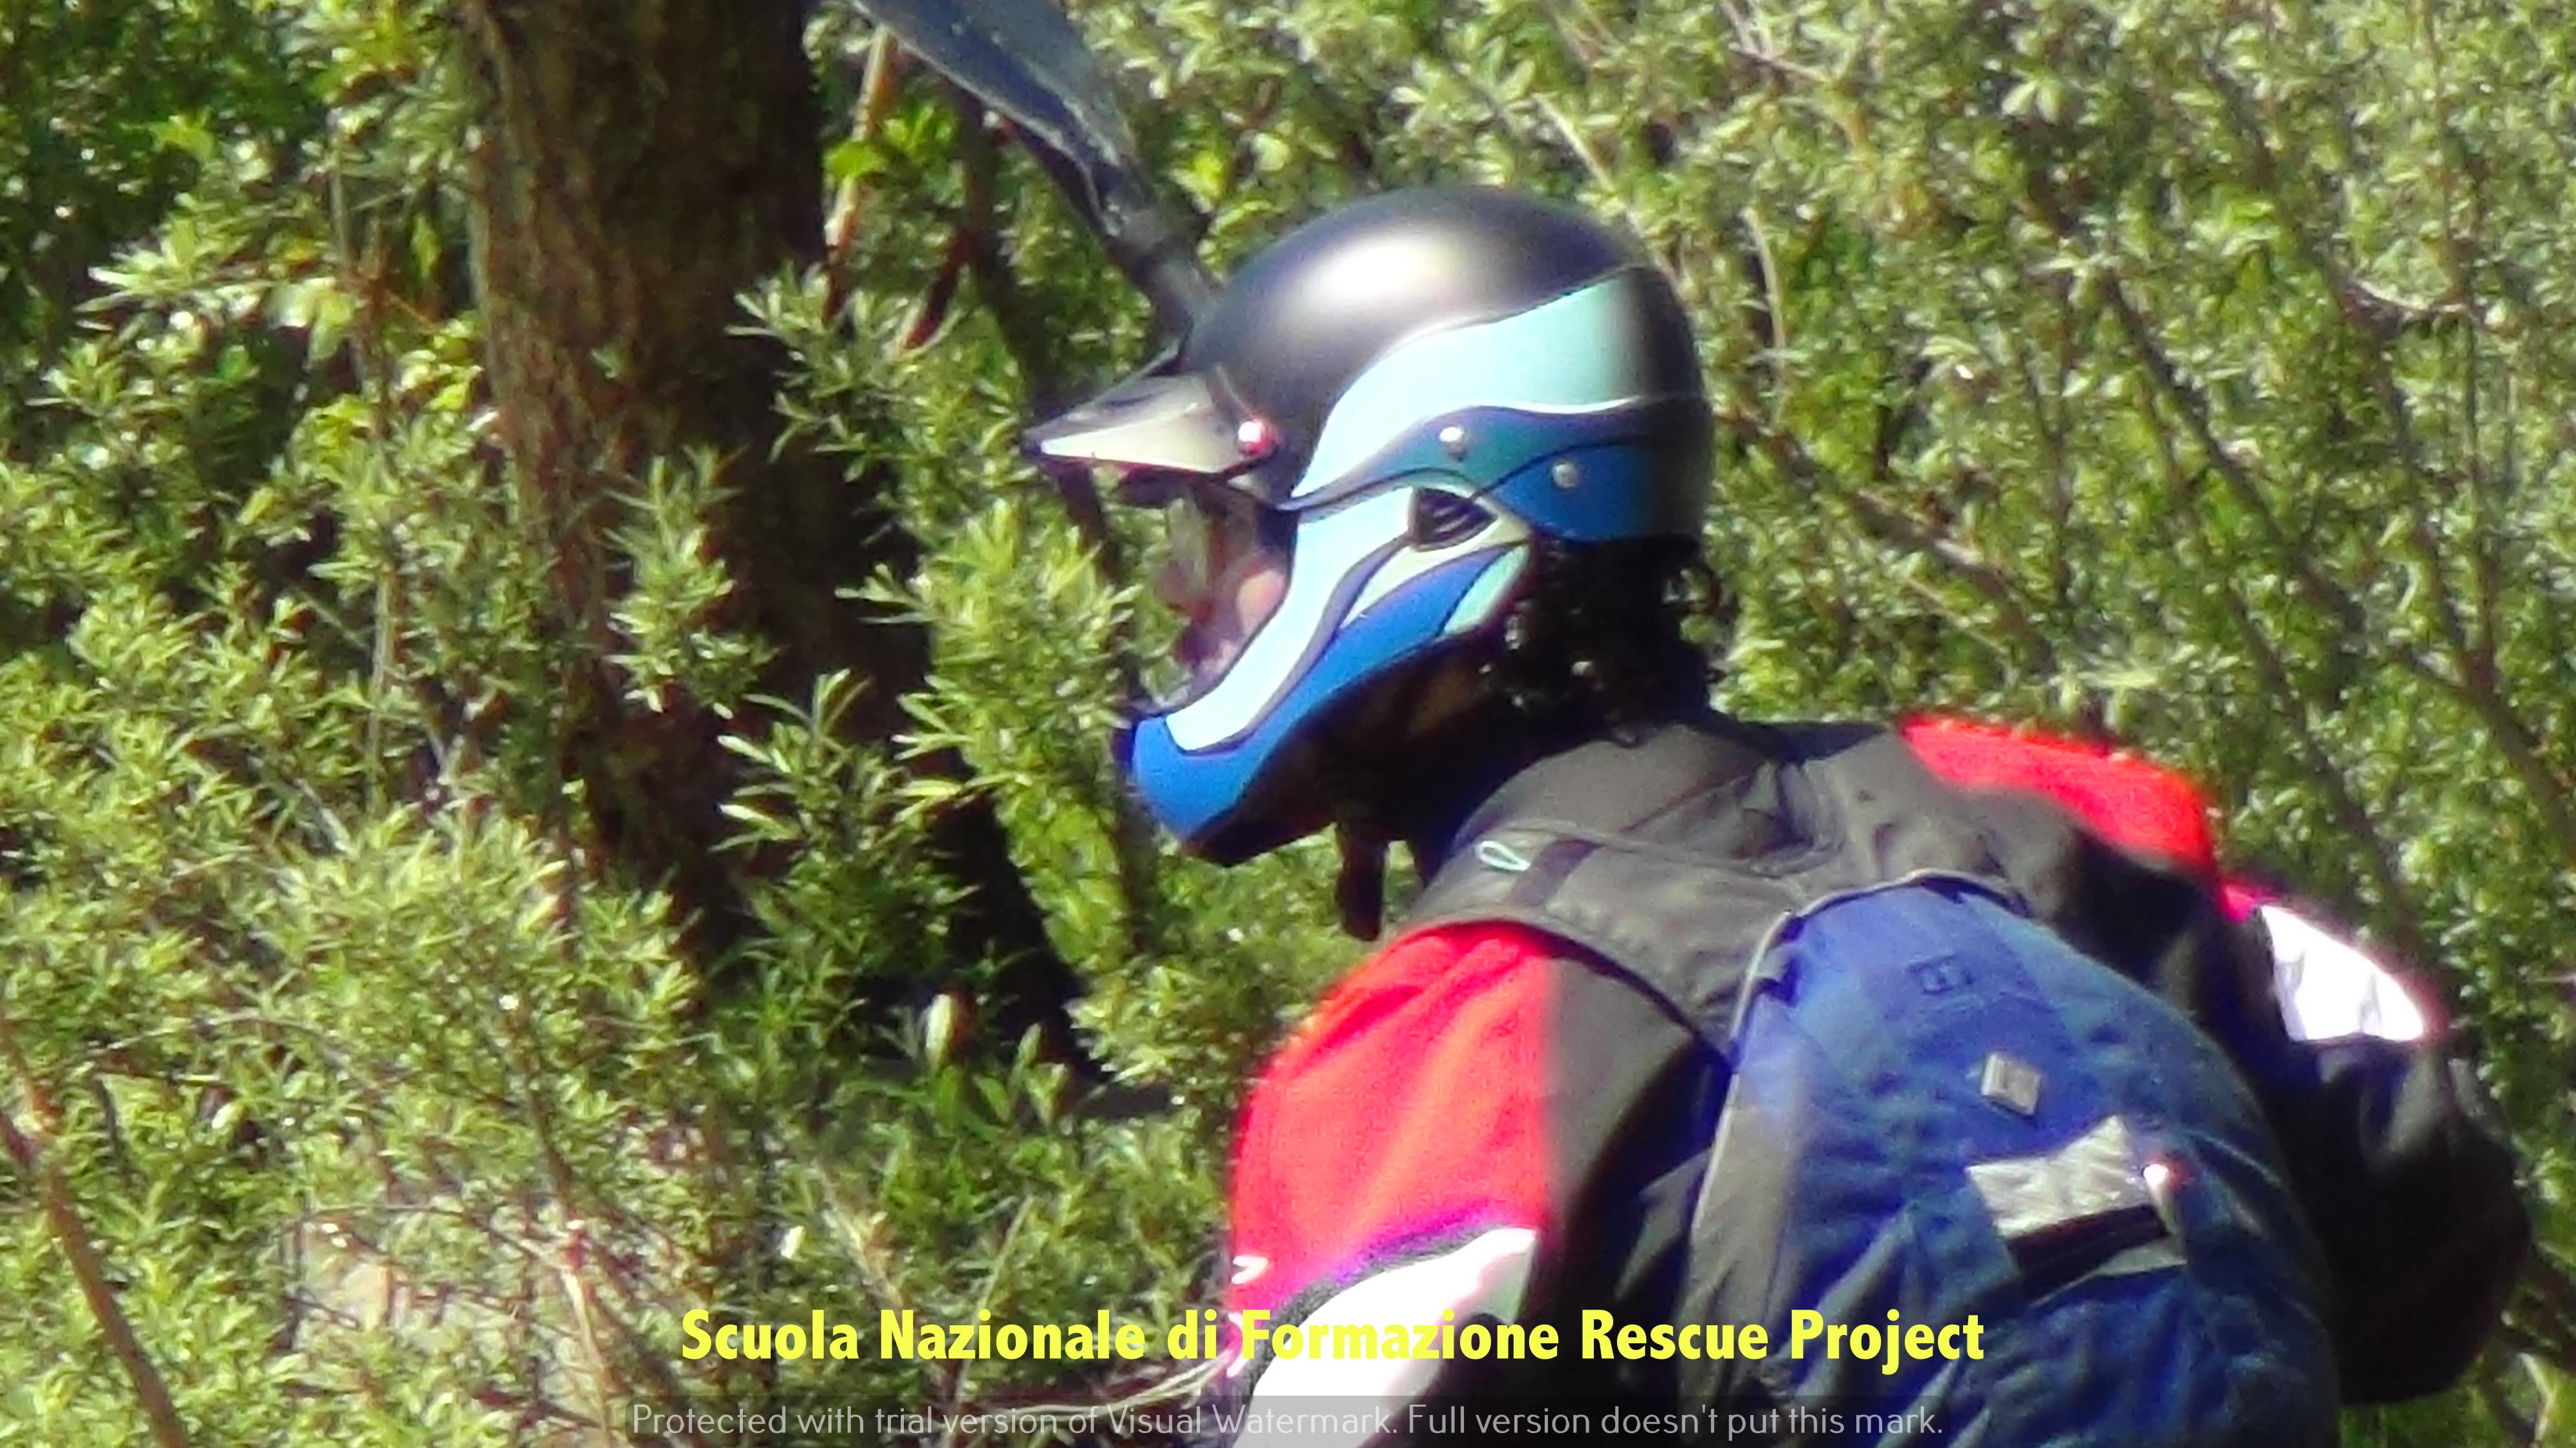 Scuola Nazionale di Formazione Rescue Project149